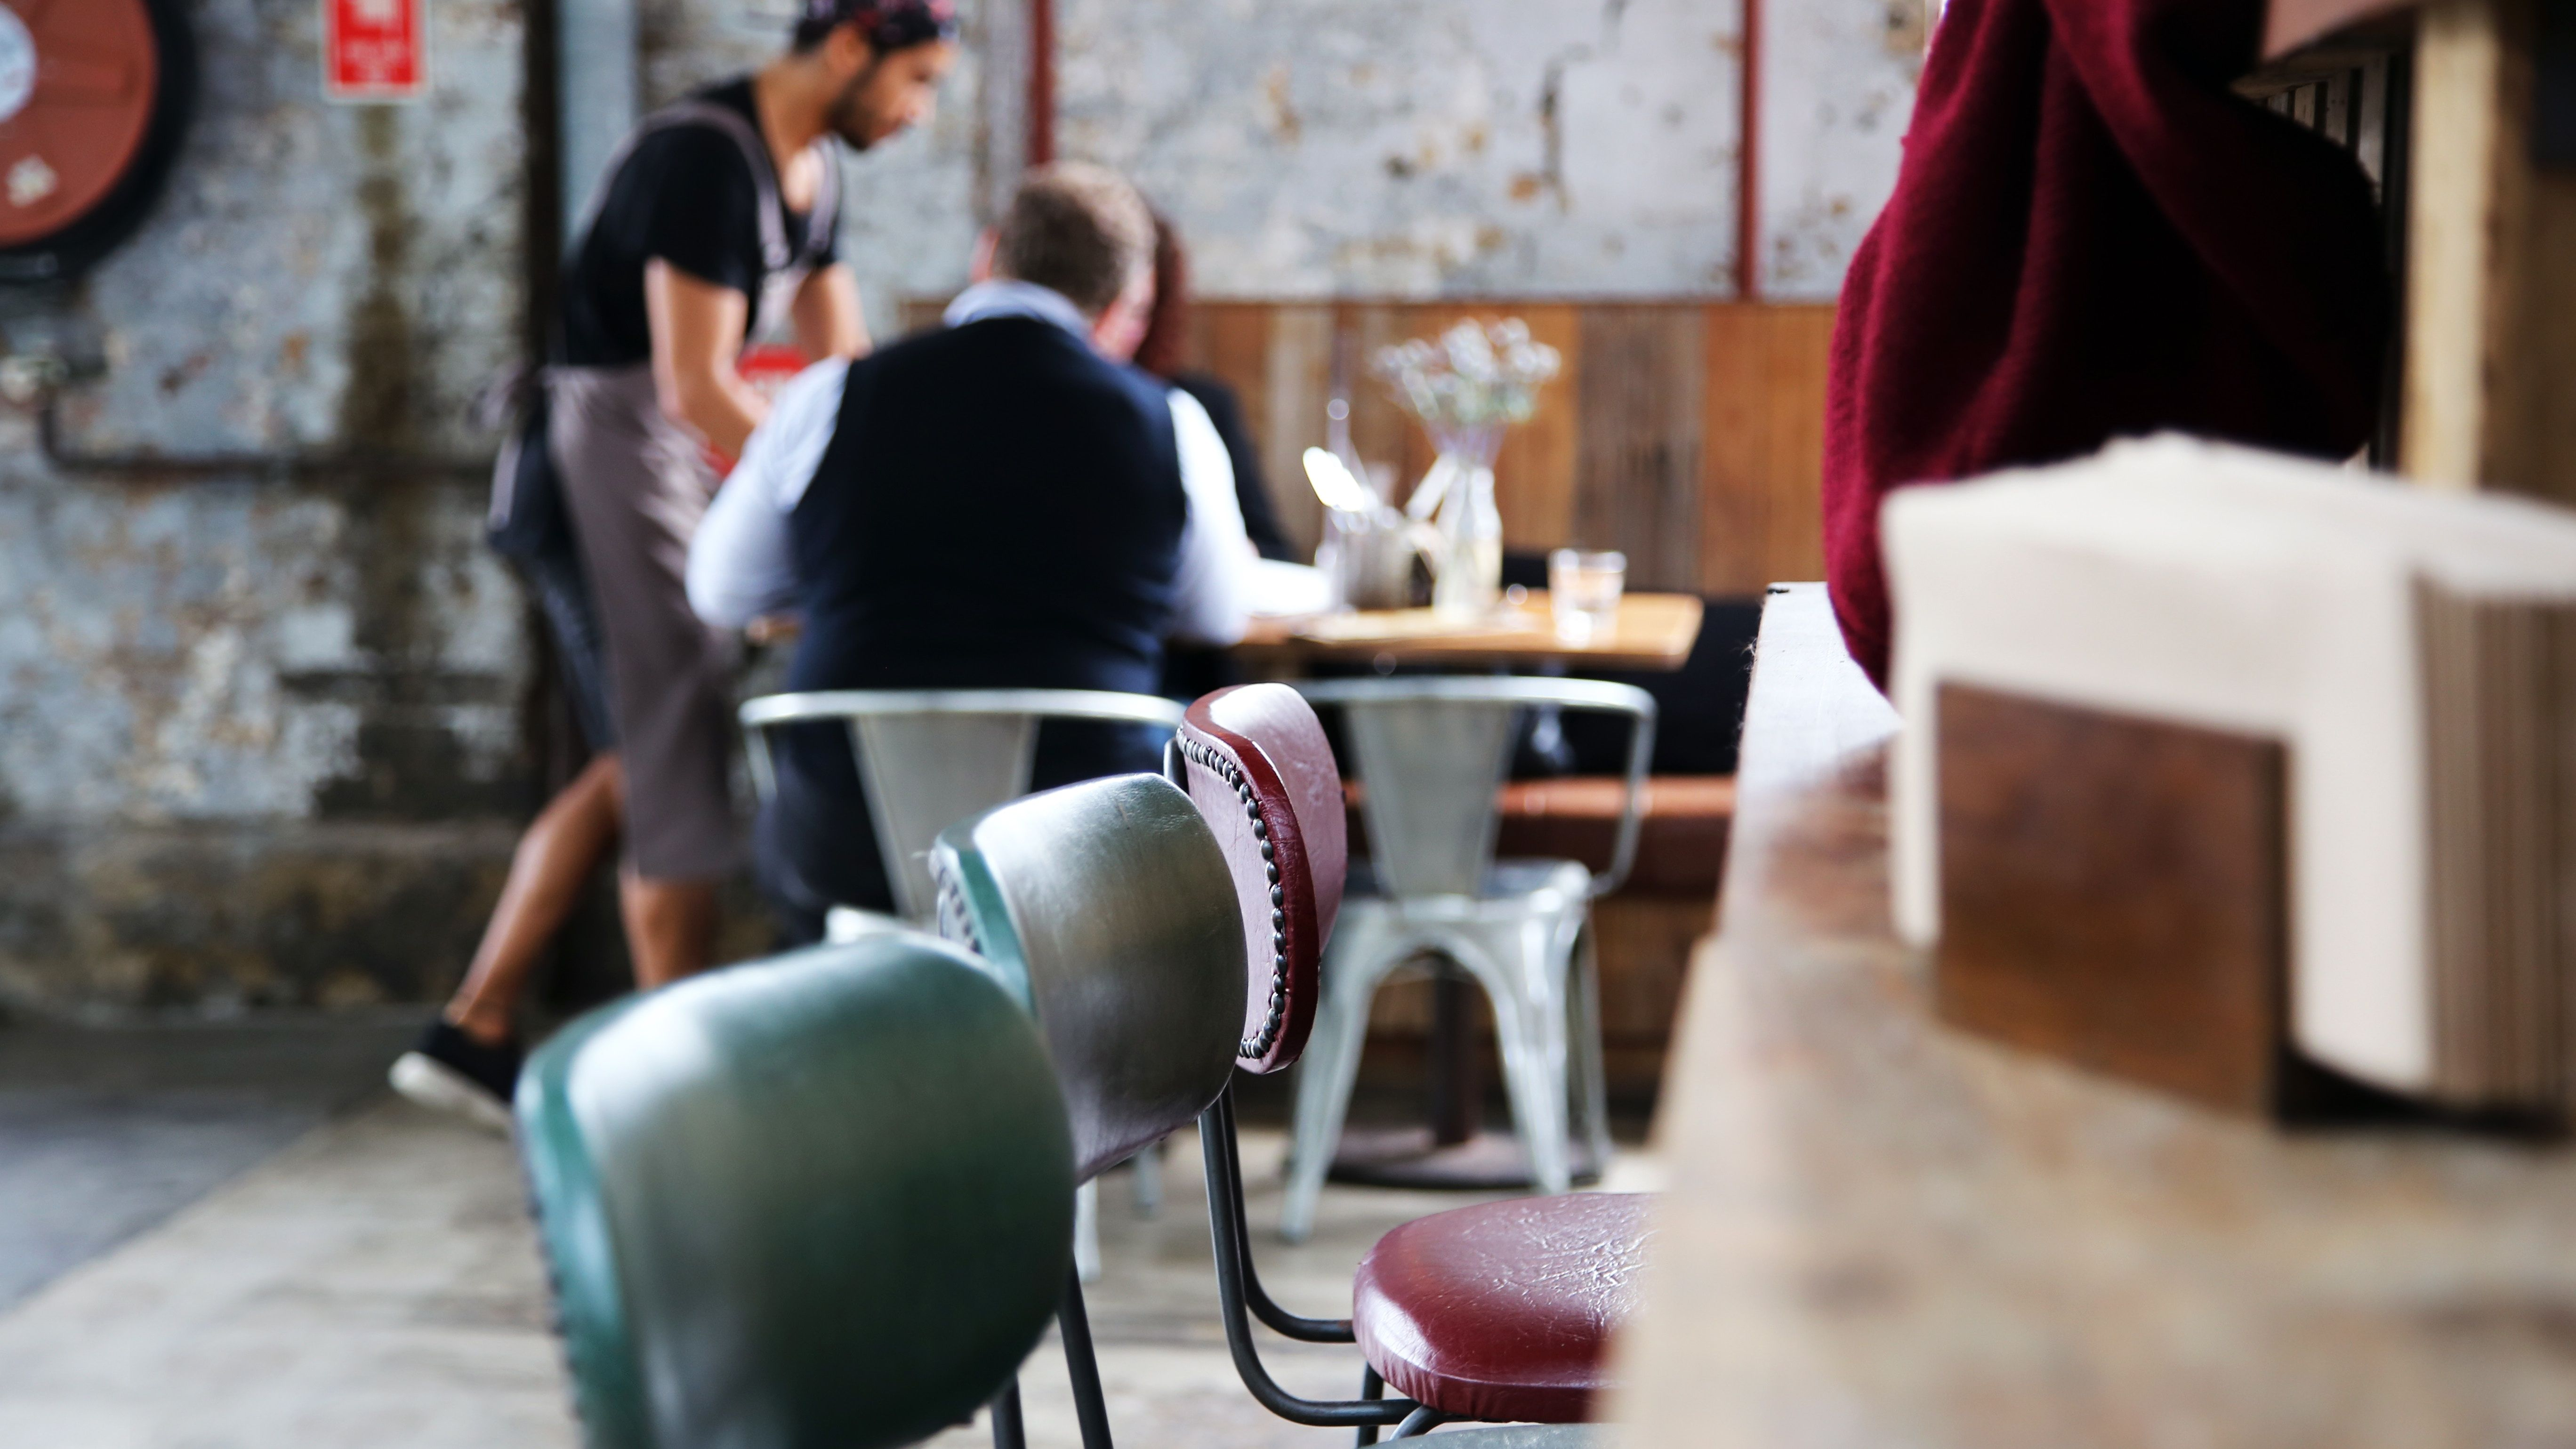 Come Portare I Piatti Cameriere.Fare Il Cameriere E Il Lavoro Piu Stressante Al Mondo